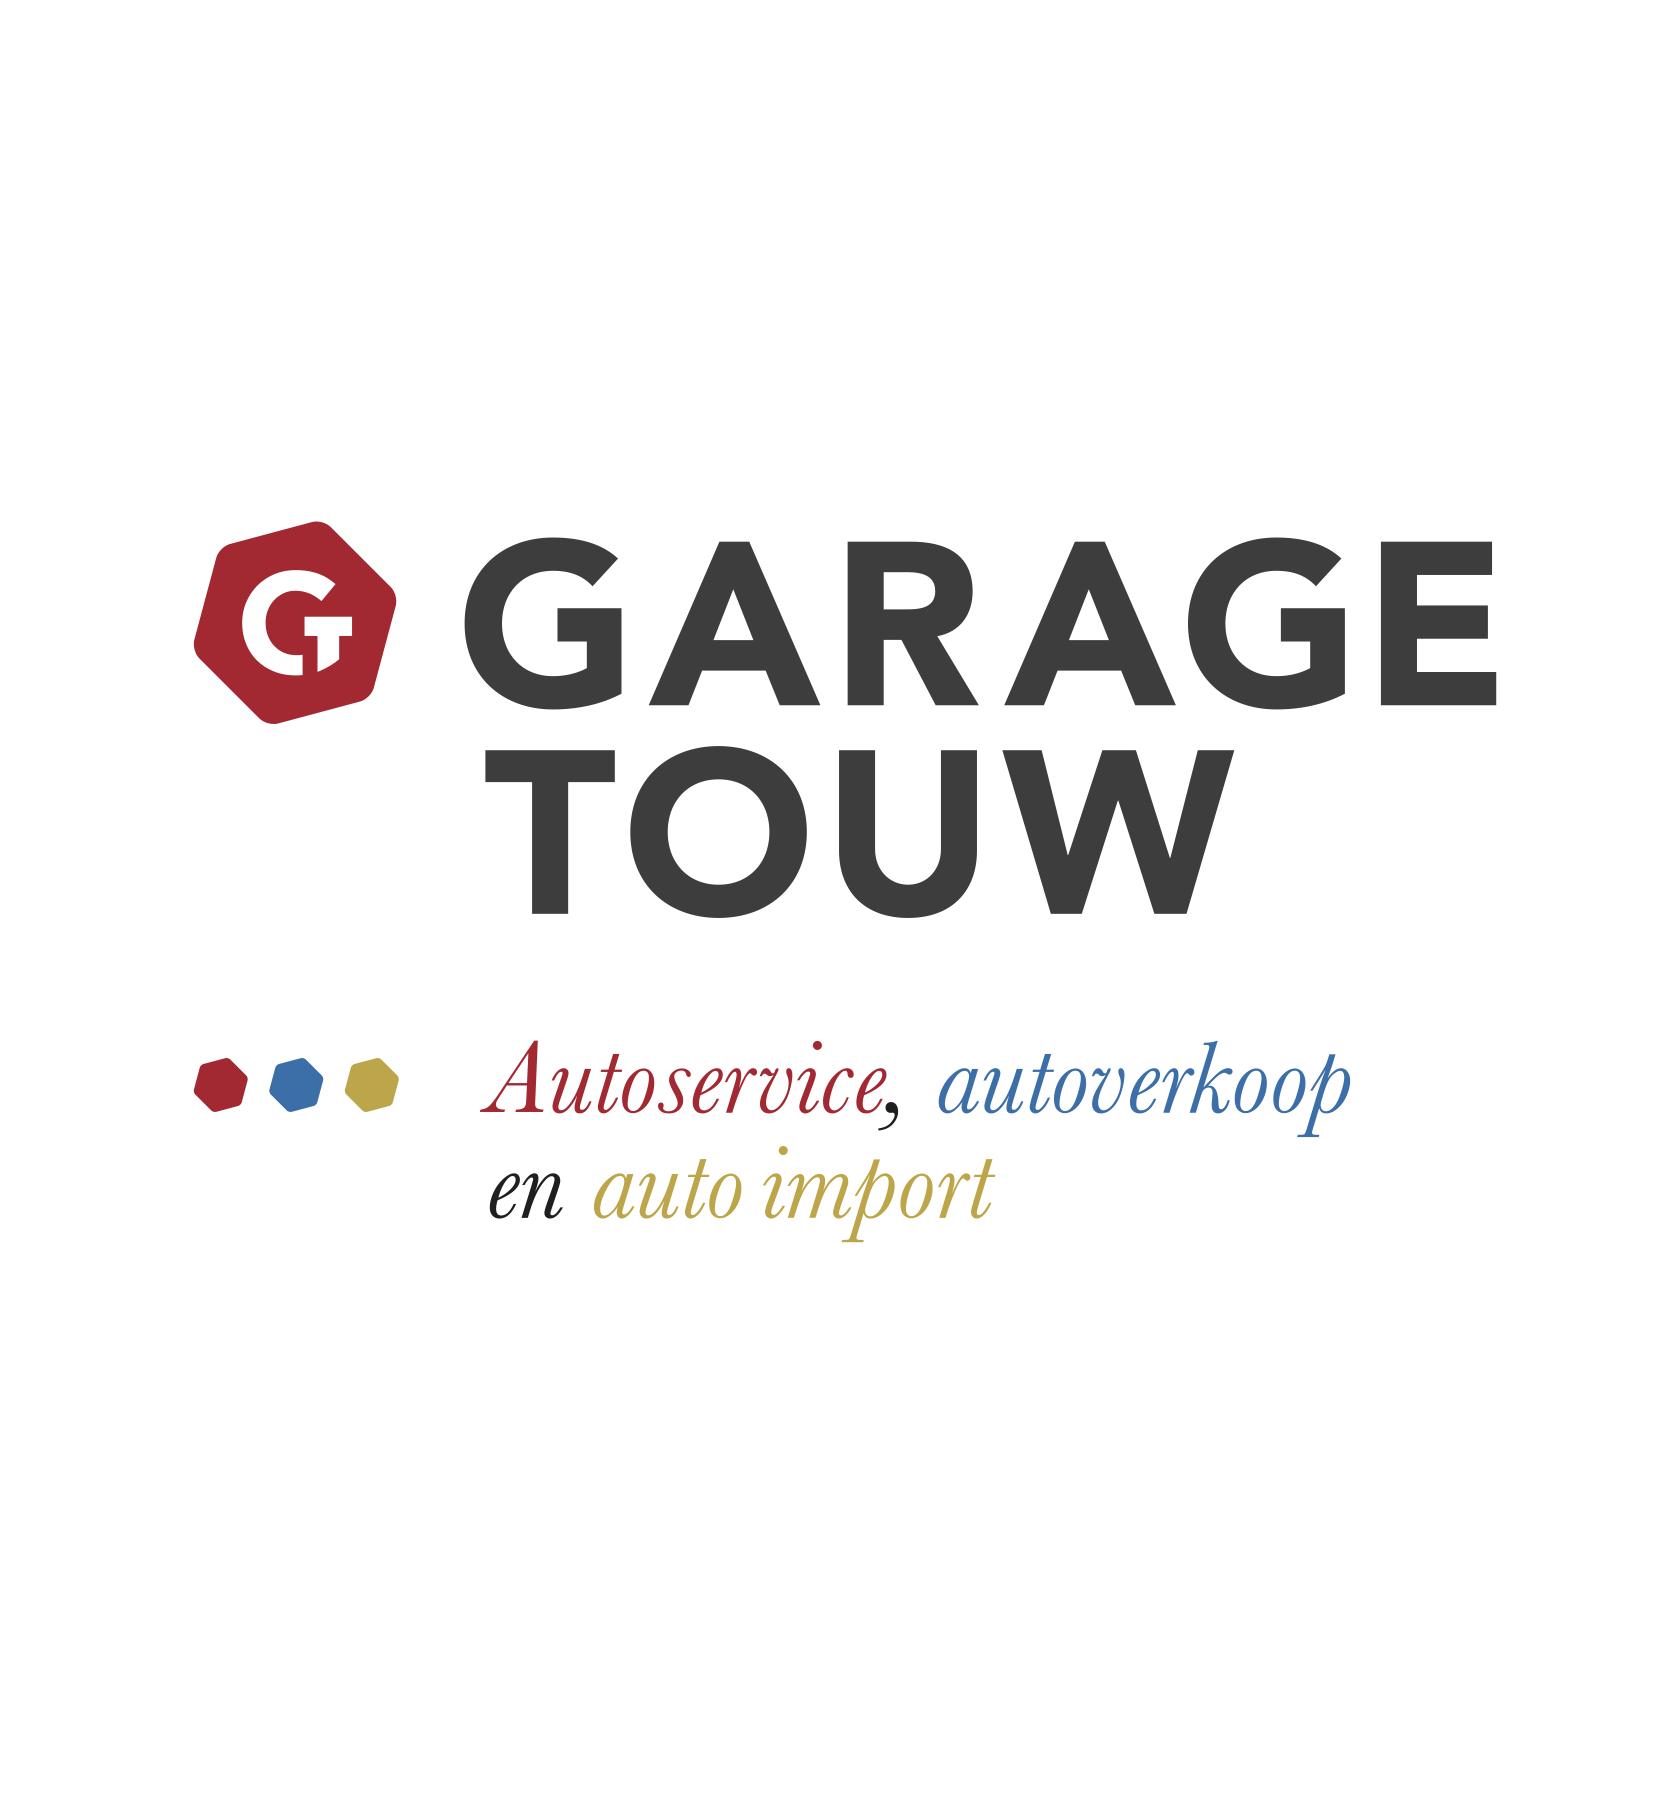 Garage Touw